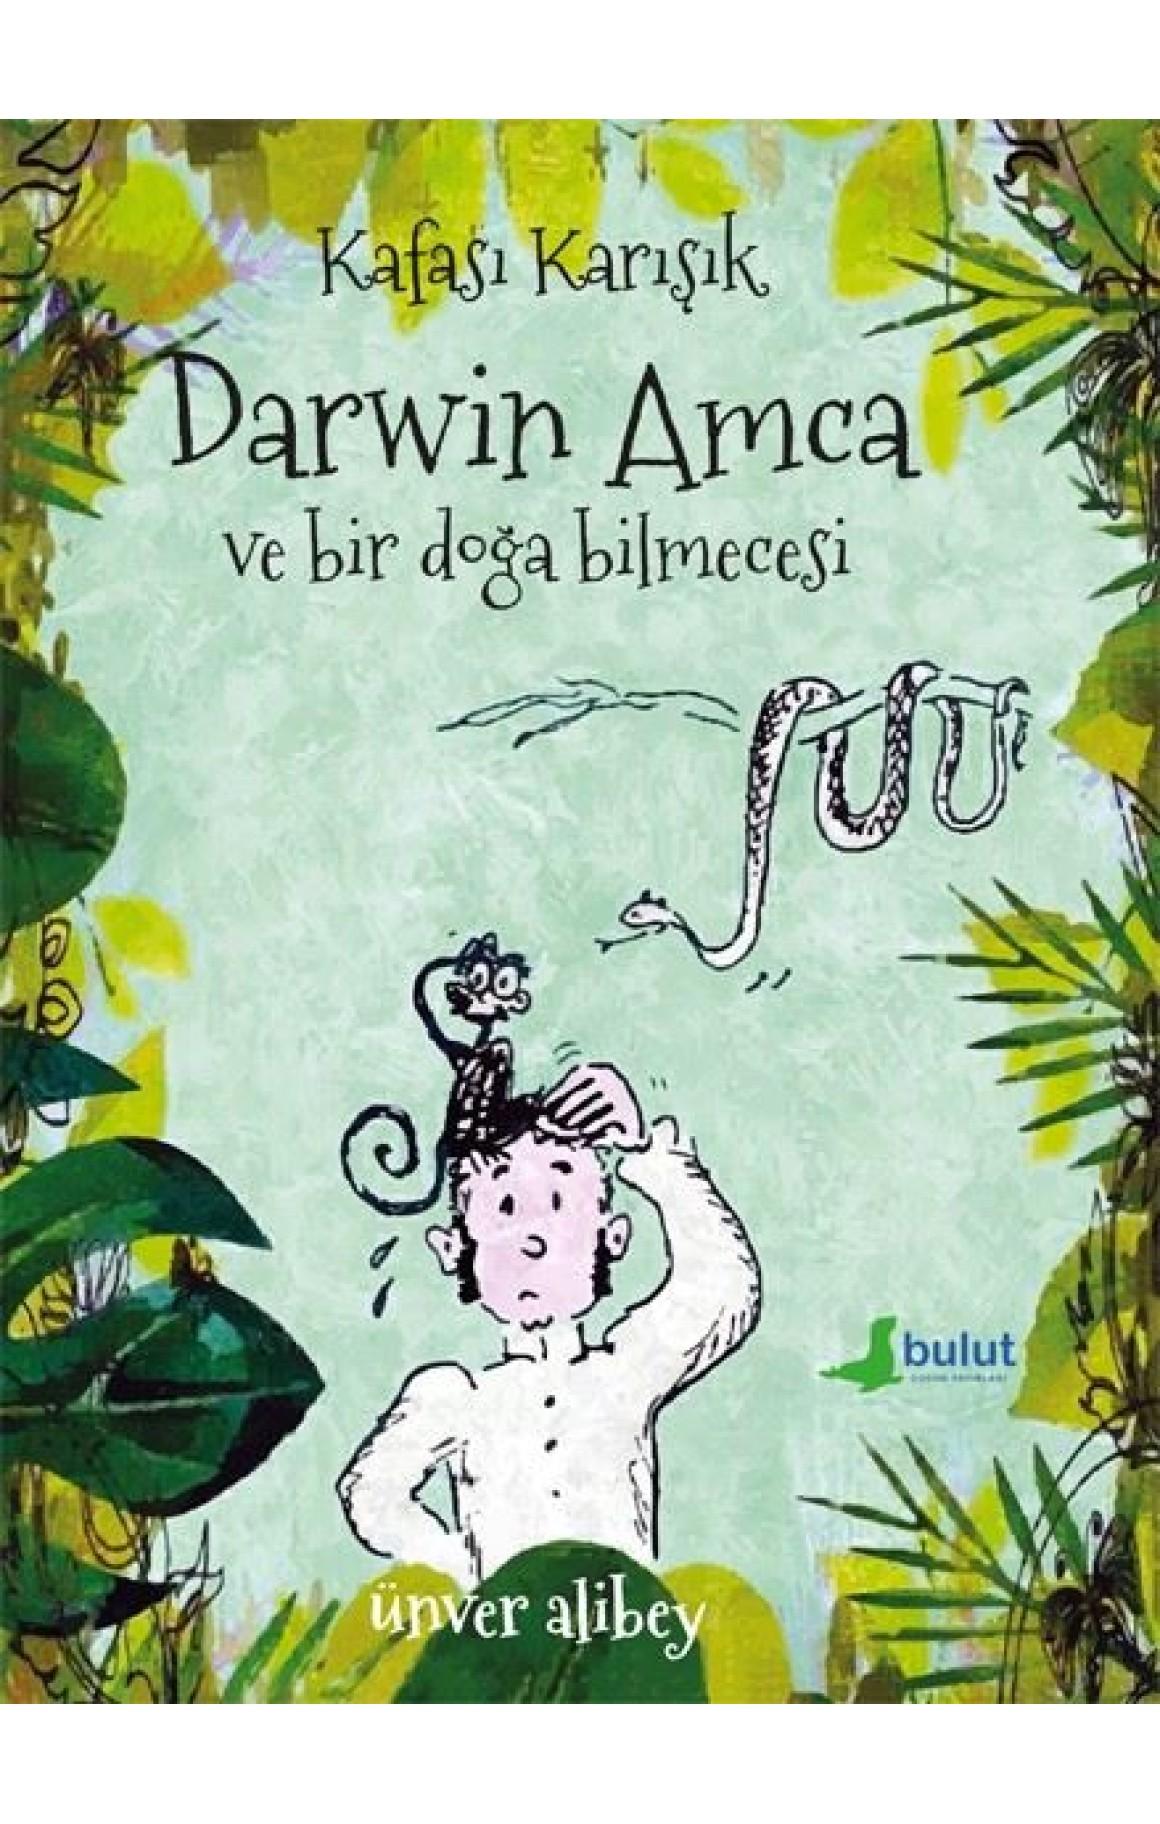 Kafası Karışık Darwin Amca ve Bir Doğa Bilmecesi